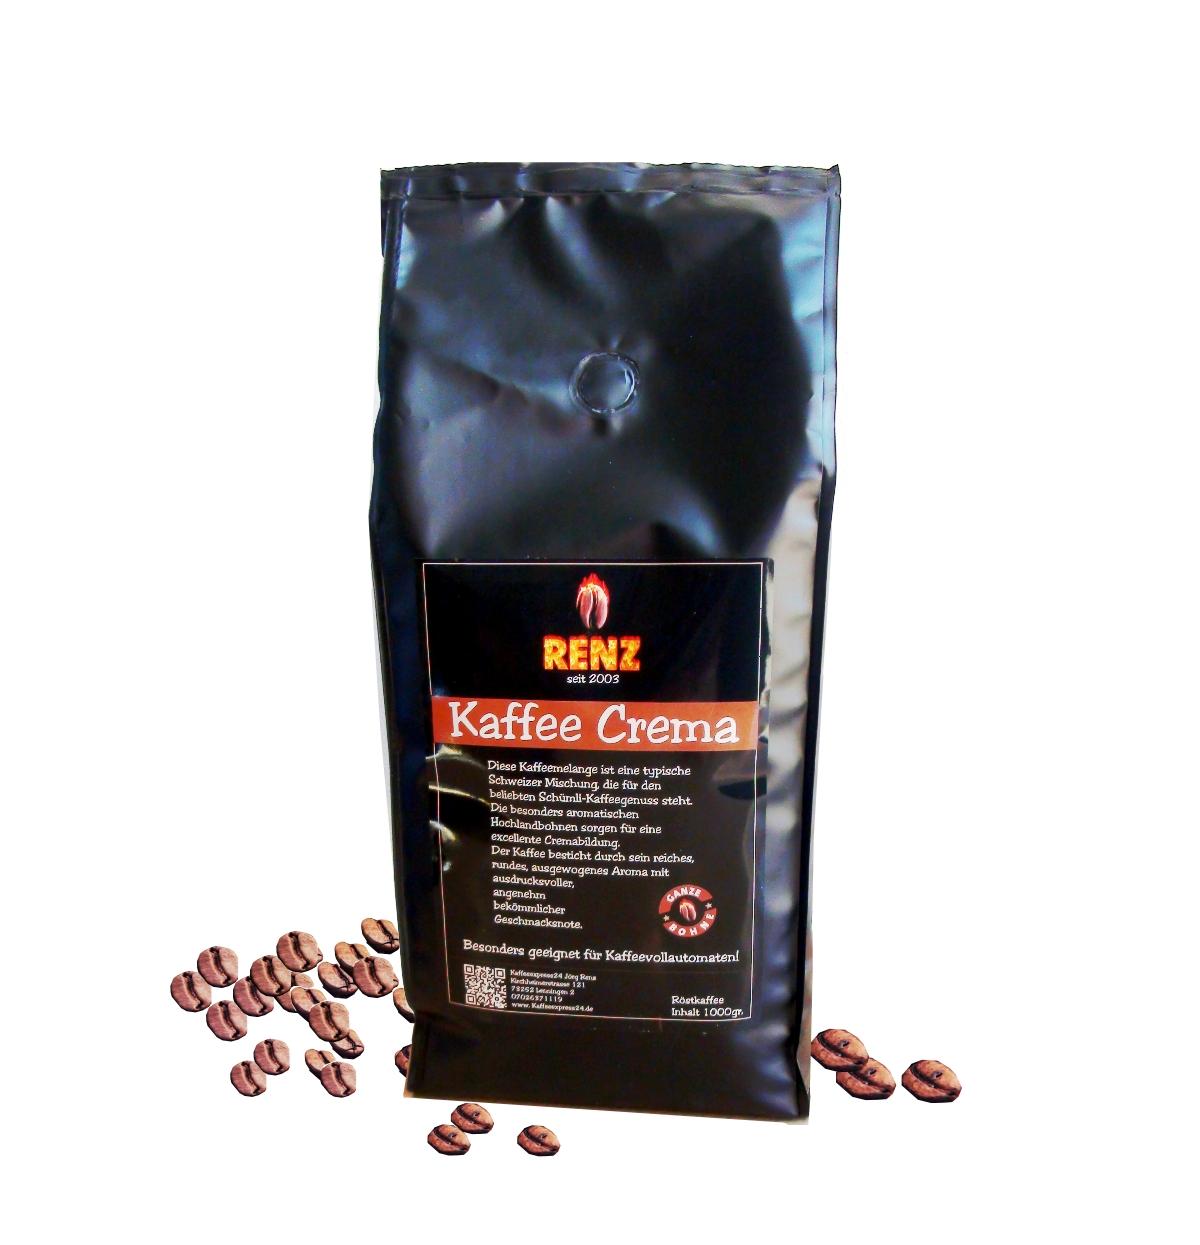 Renz Kaffee Crema Bohnen 500g